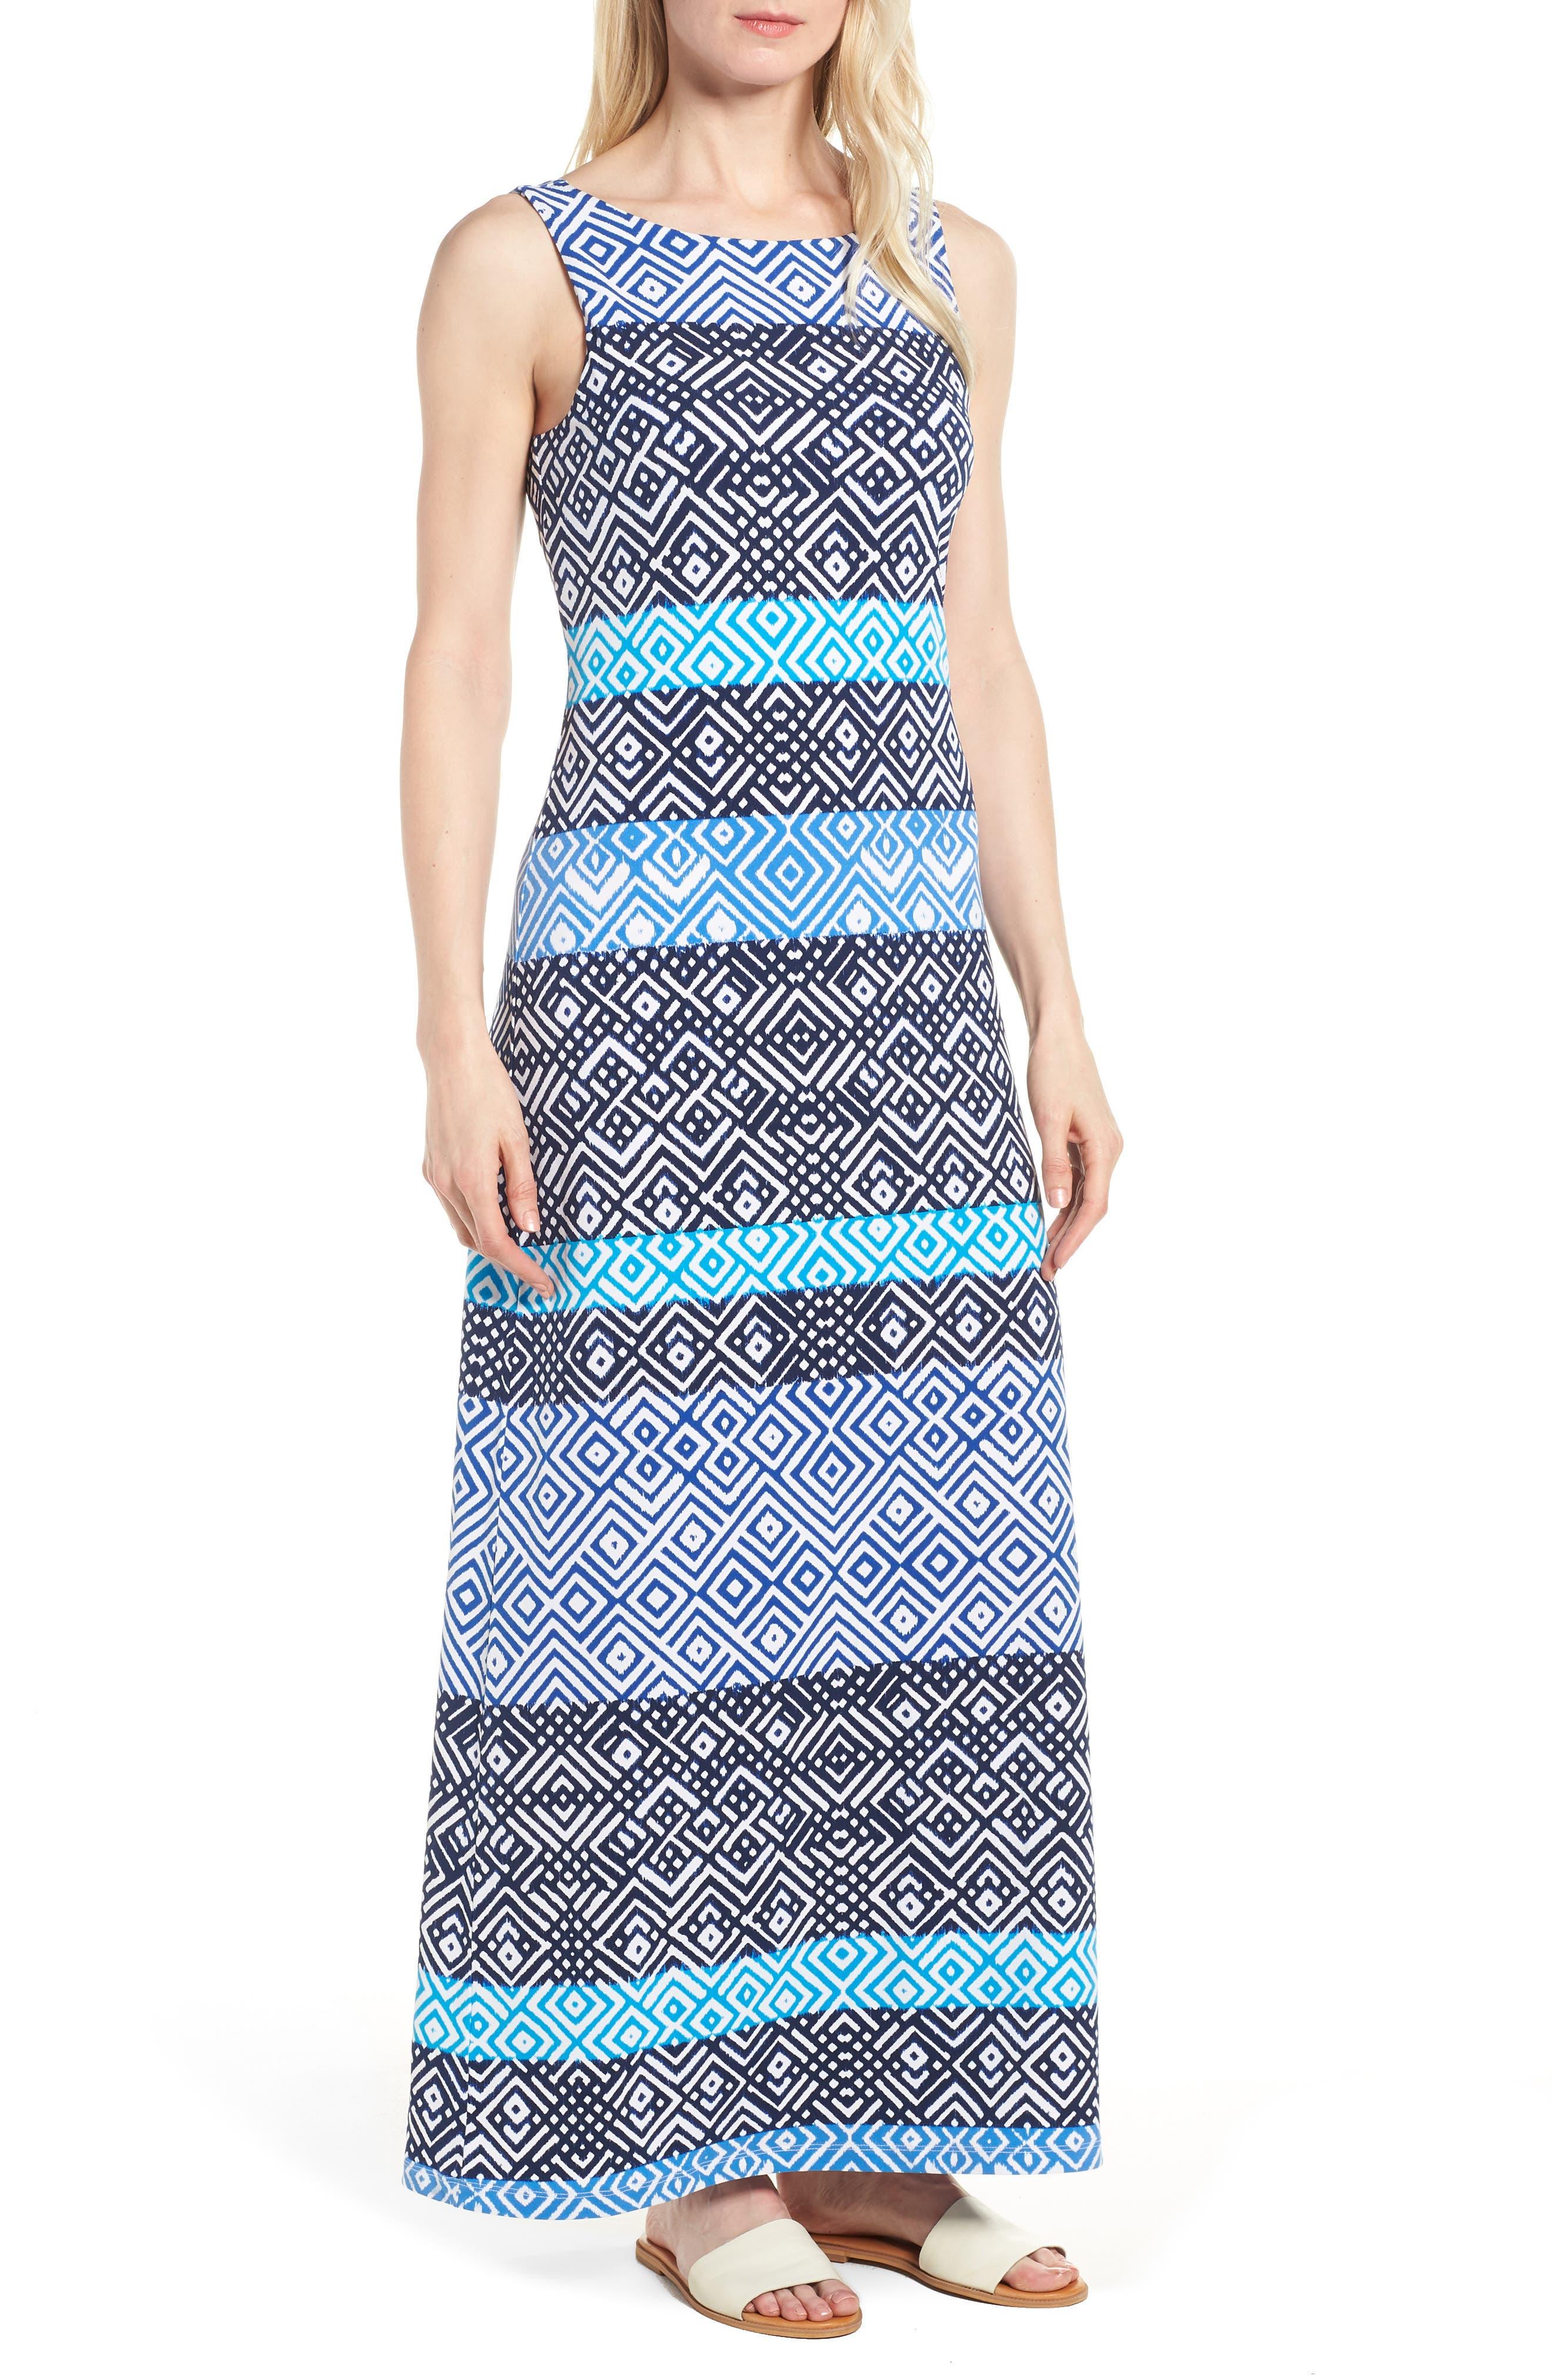 Mayan Maze Maxi Dress,                             Main thumbnail 1, color,                             Ocean Deep